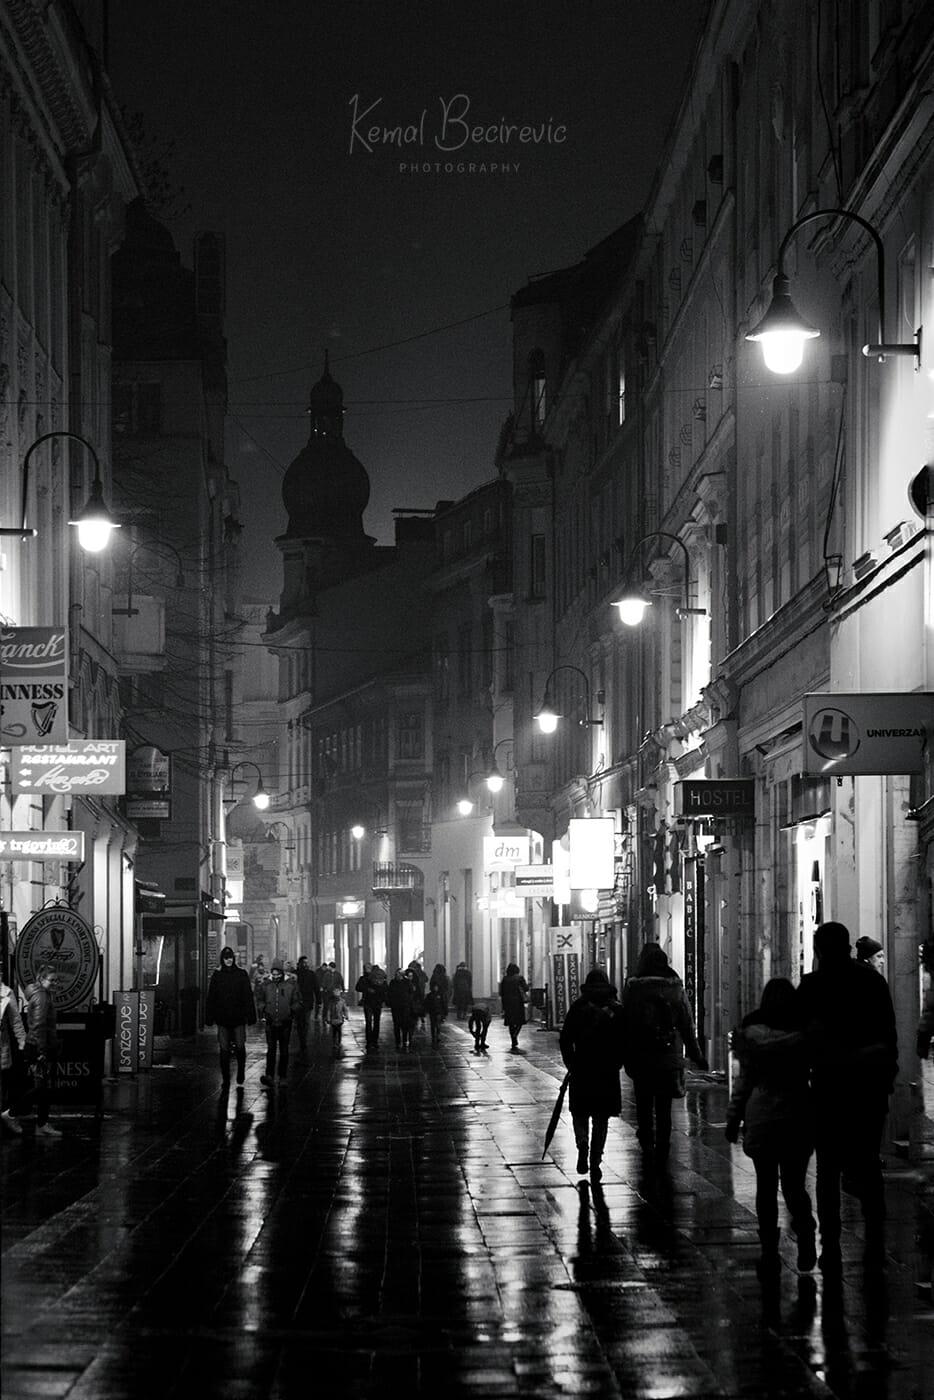 Ferhadija Sarajevo